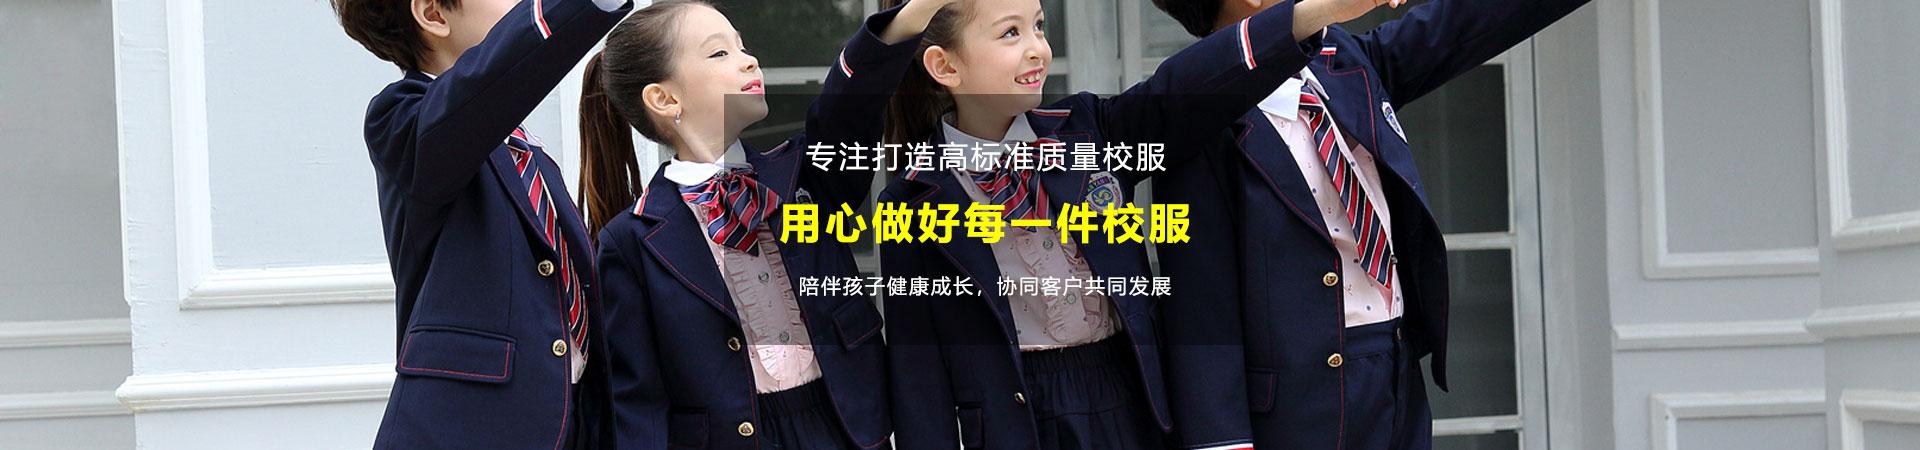 大学初中小学生幼儿园班服校服